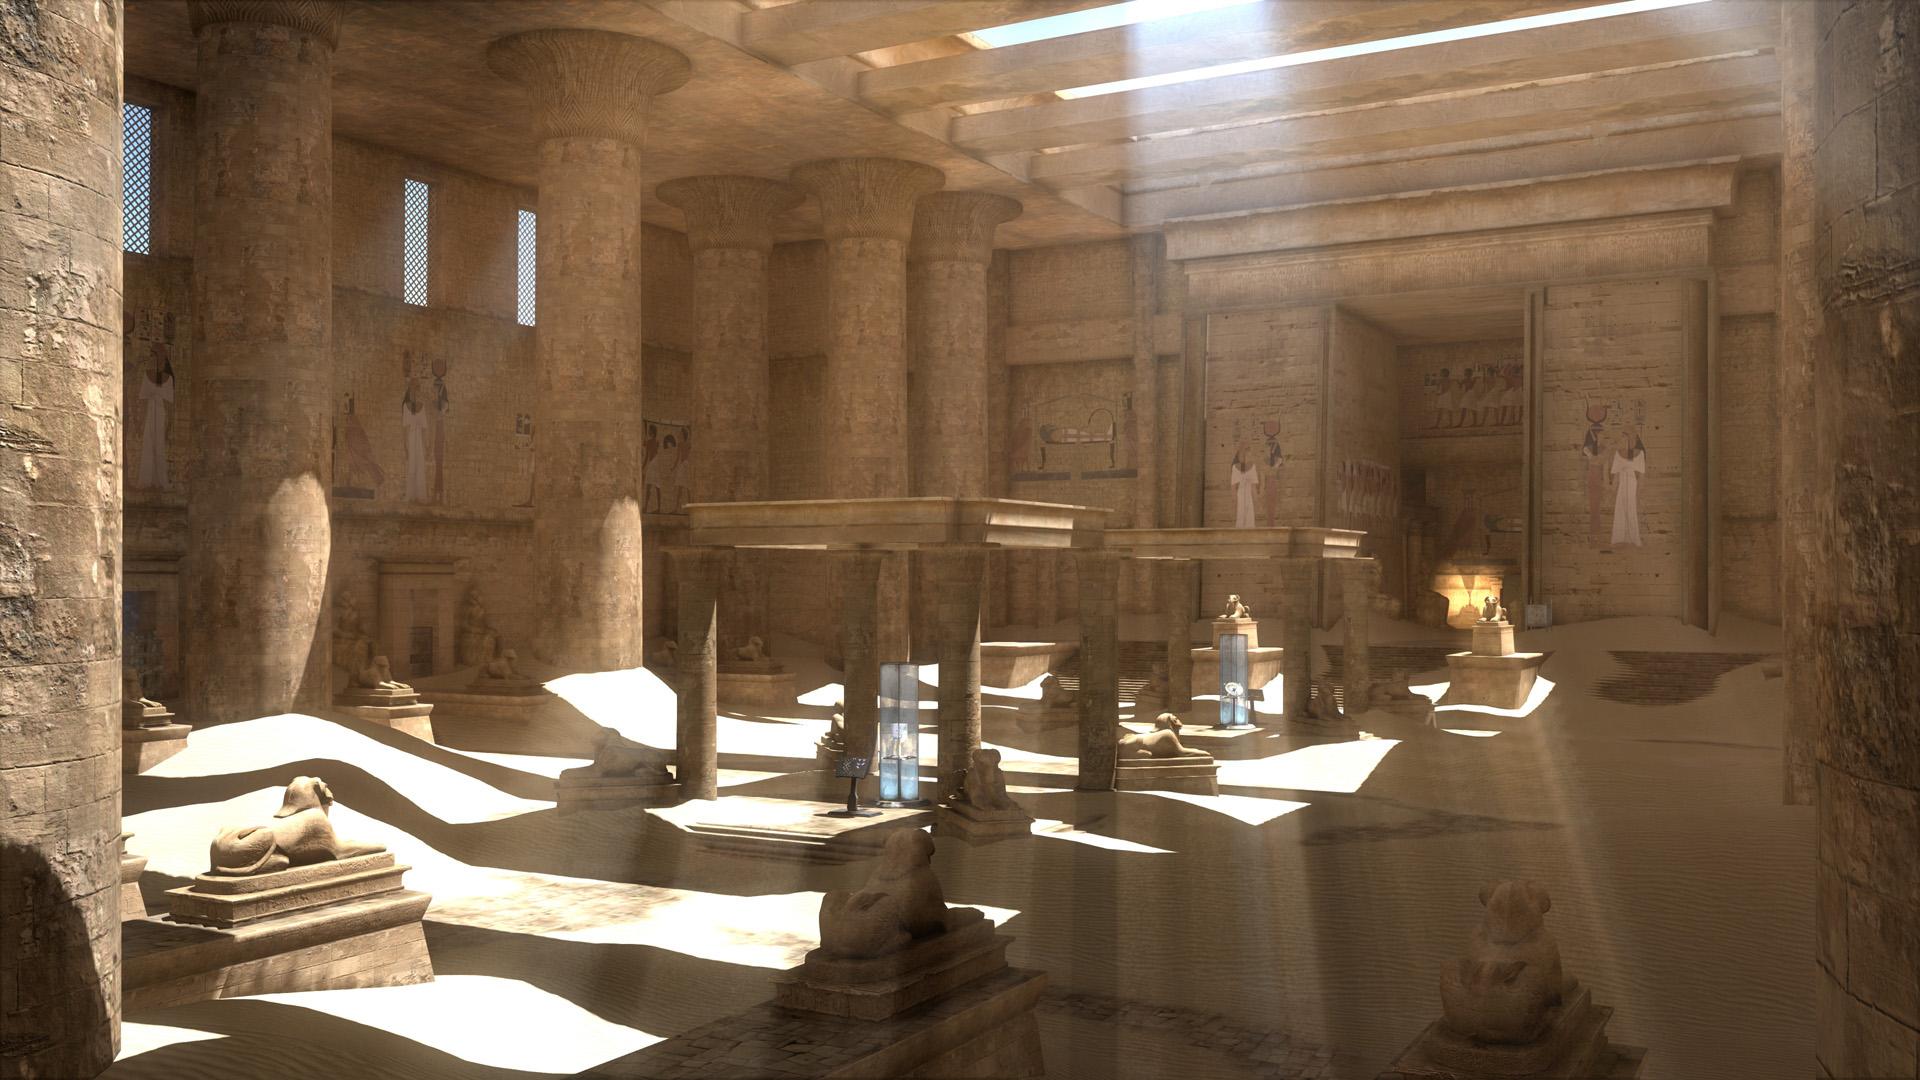 Screenshot: Ein ägyptisch wirkender Tempel in dem zwei moderne, computerartige Gerätschaften stehen.